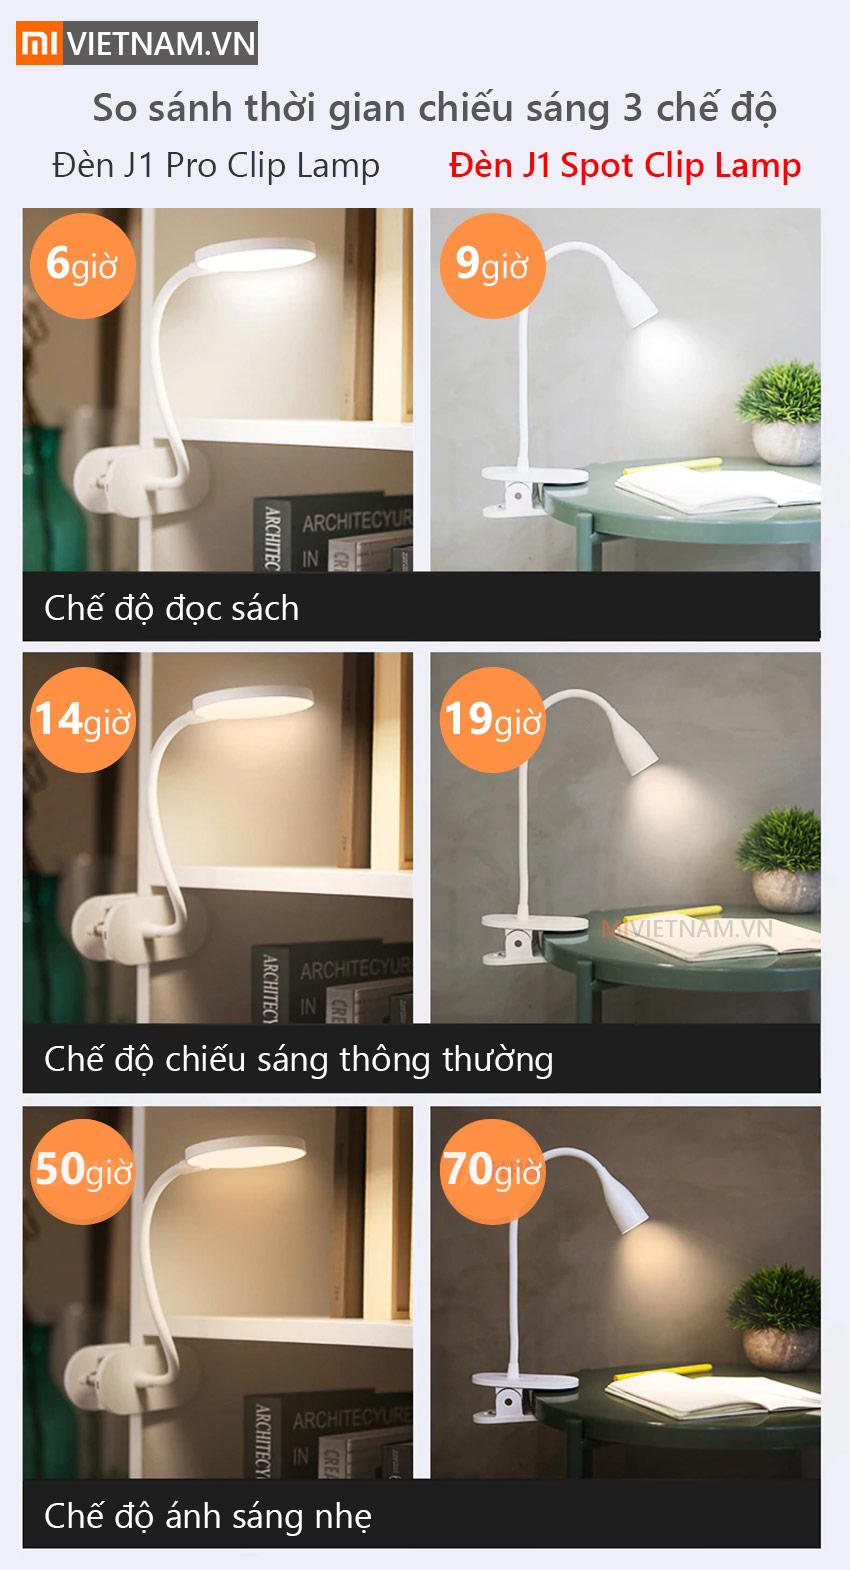 Đèn Led Kẹp Bàn Yeelight J1 Spot Clip Lamp